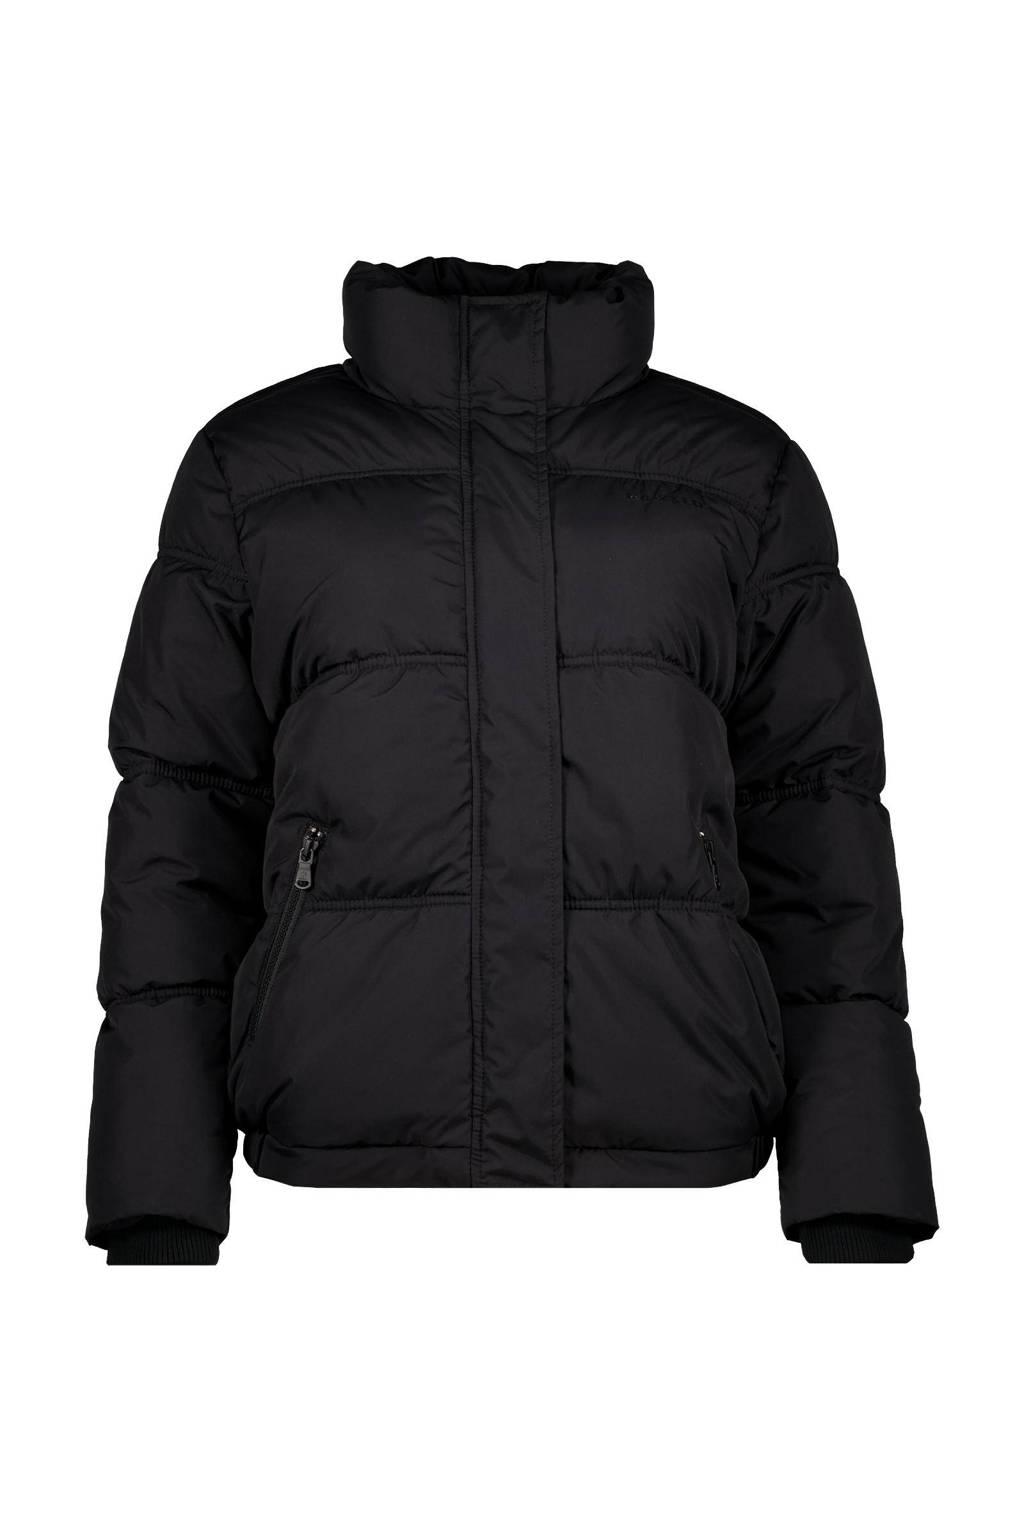 Raizzed gewatteerde jas TAMARY zwart, Zwart